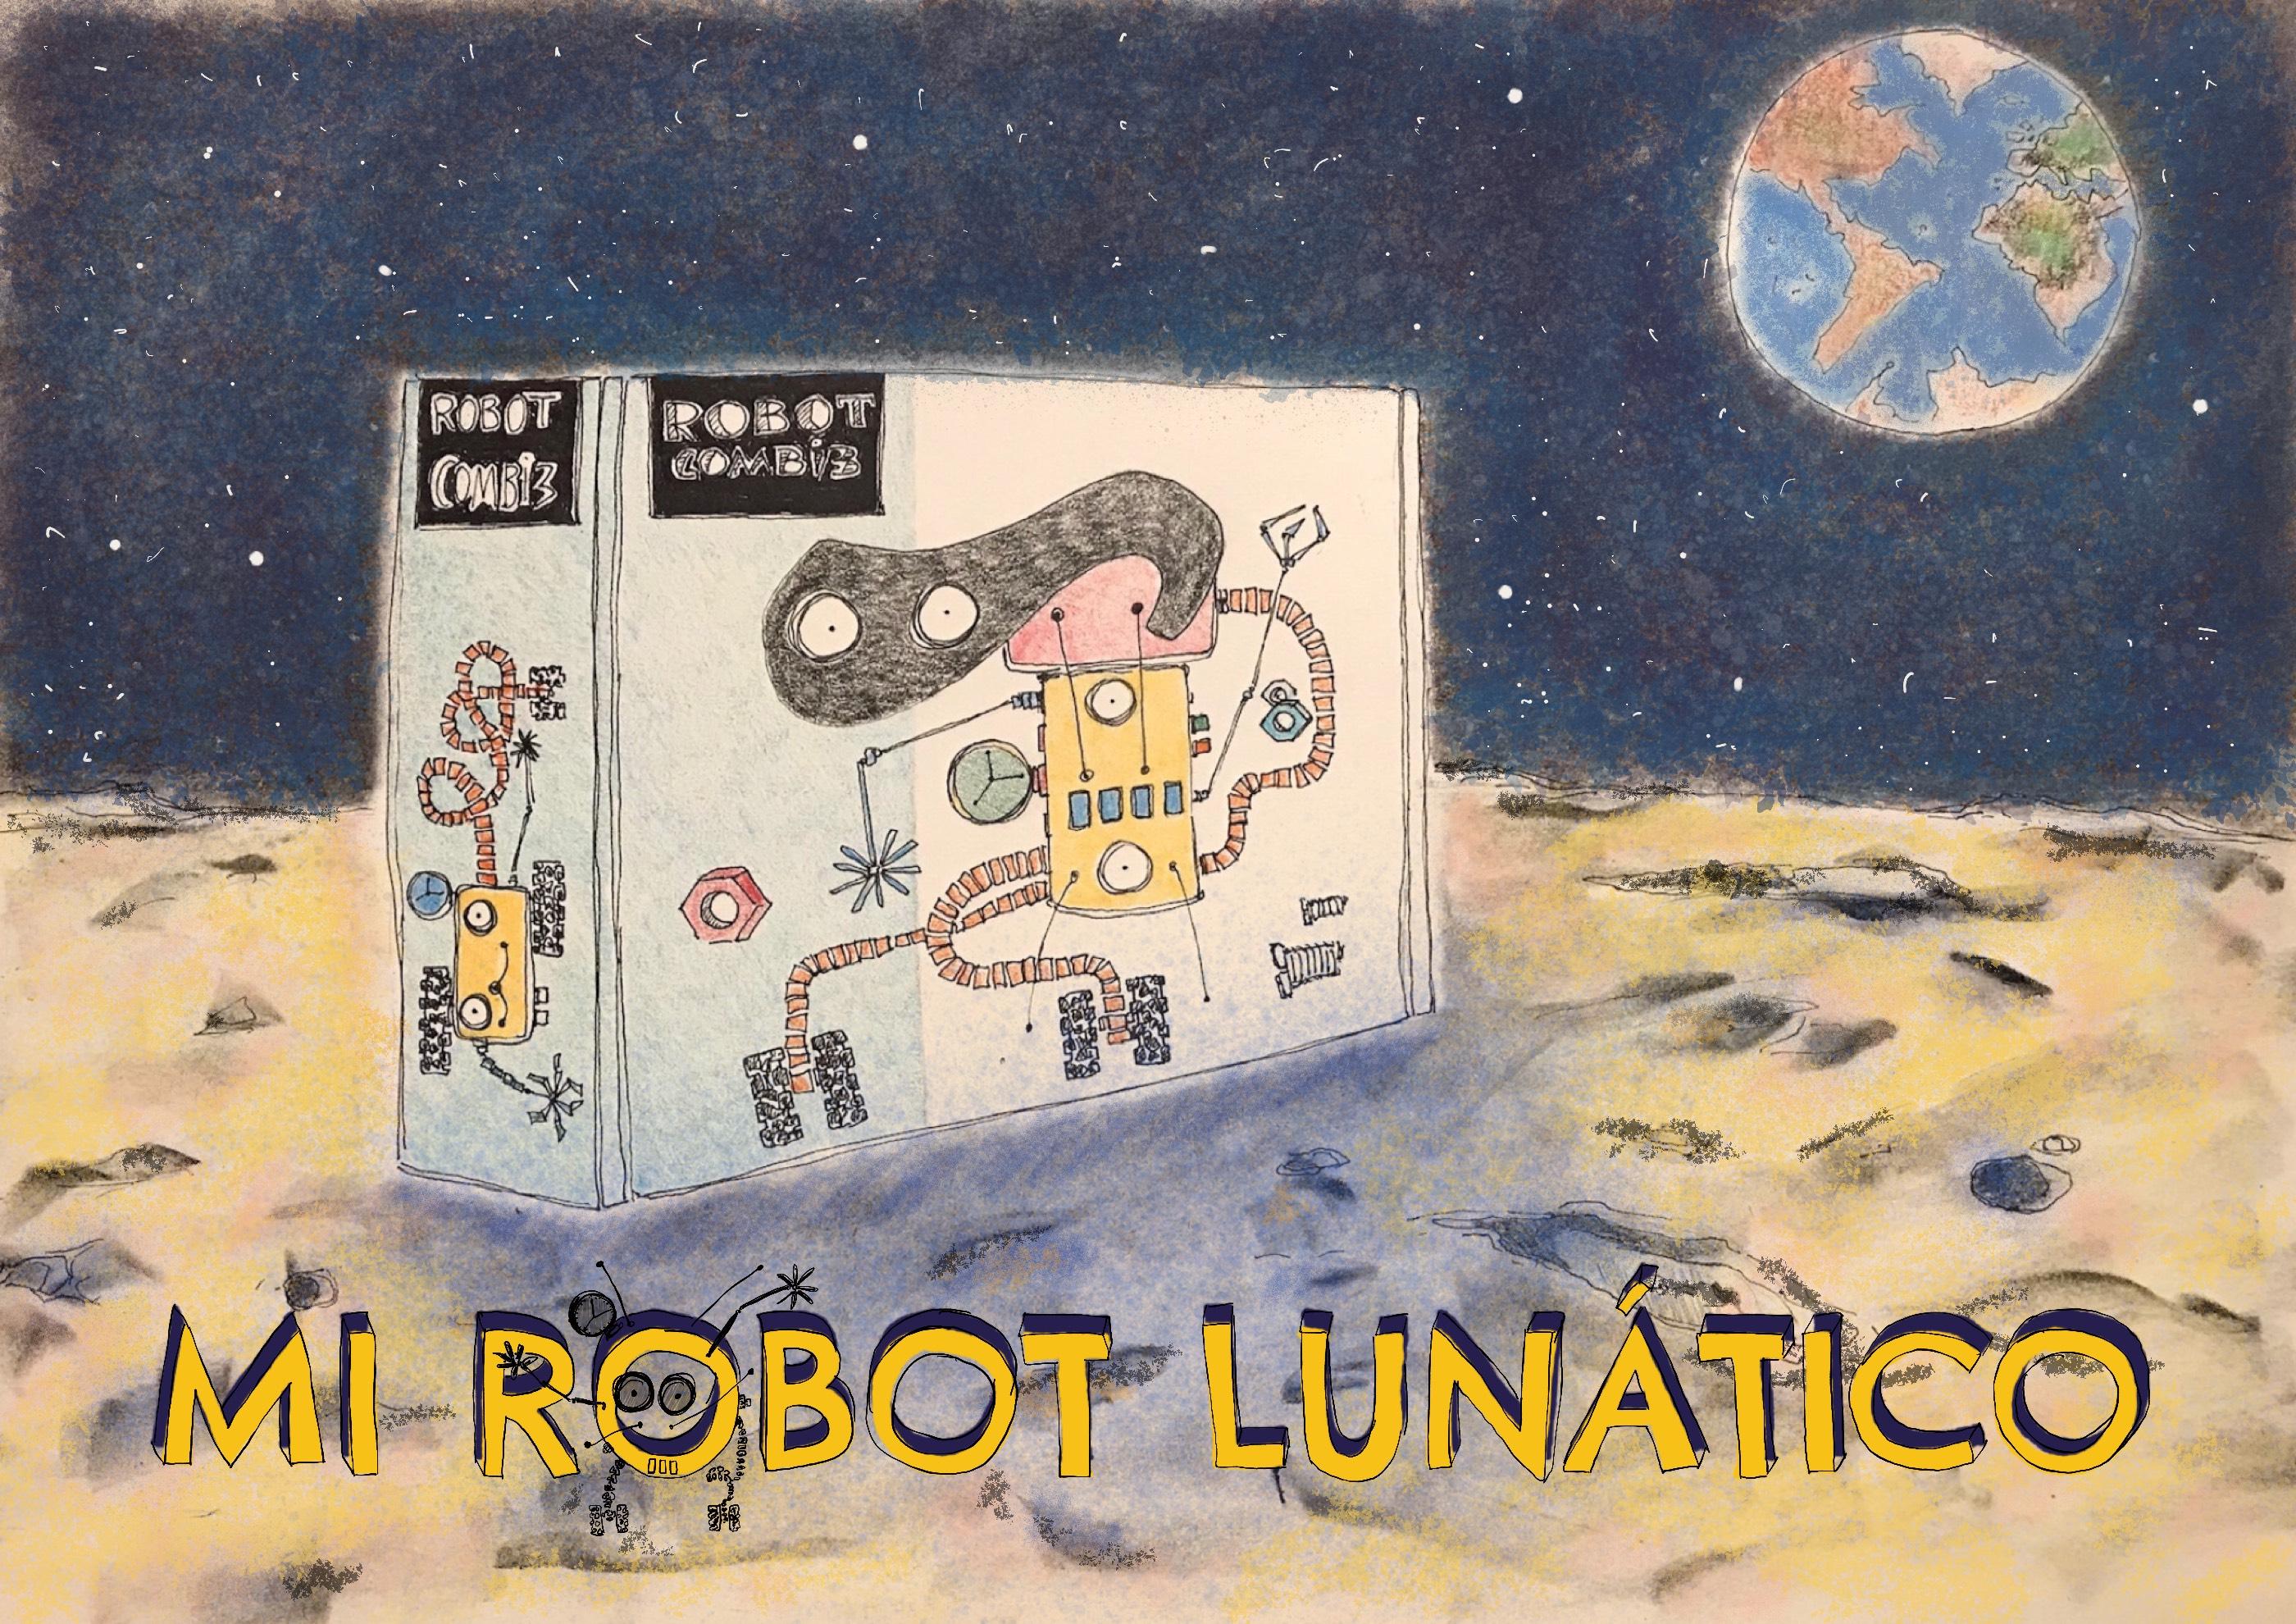 Ficción interactiva Mi Robot Lunático